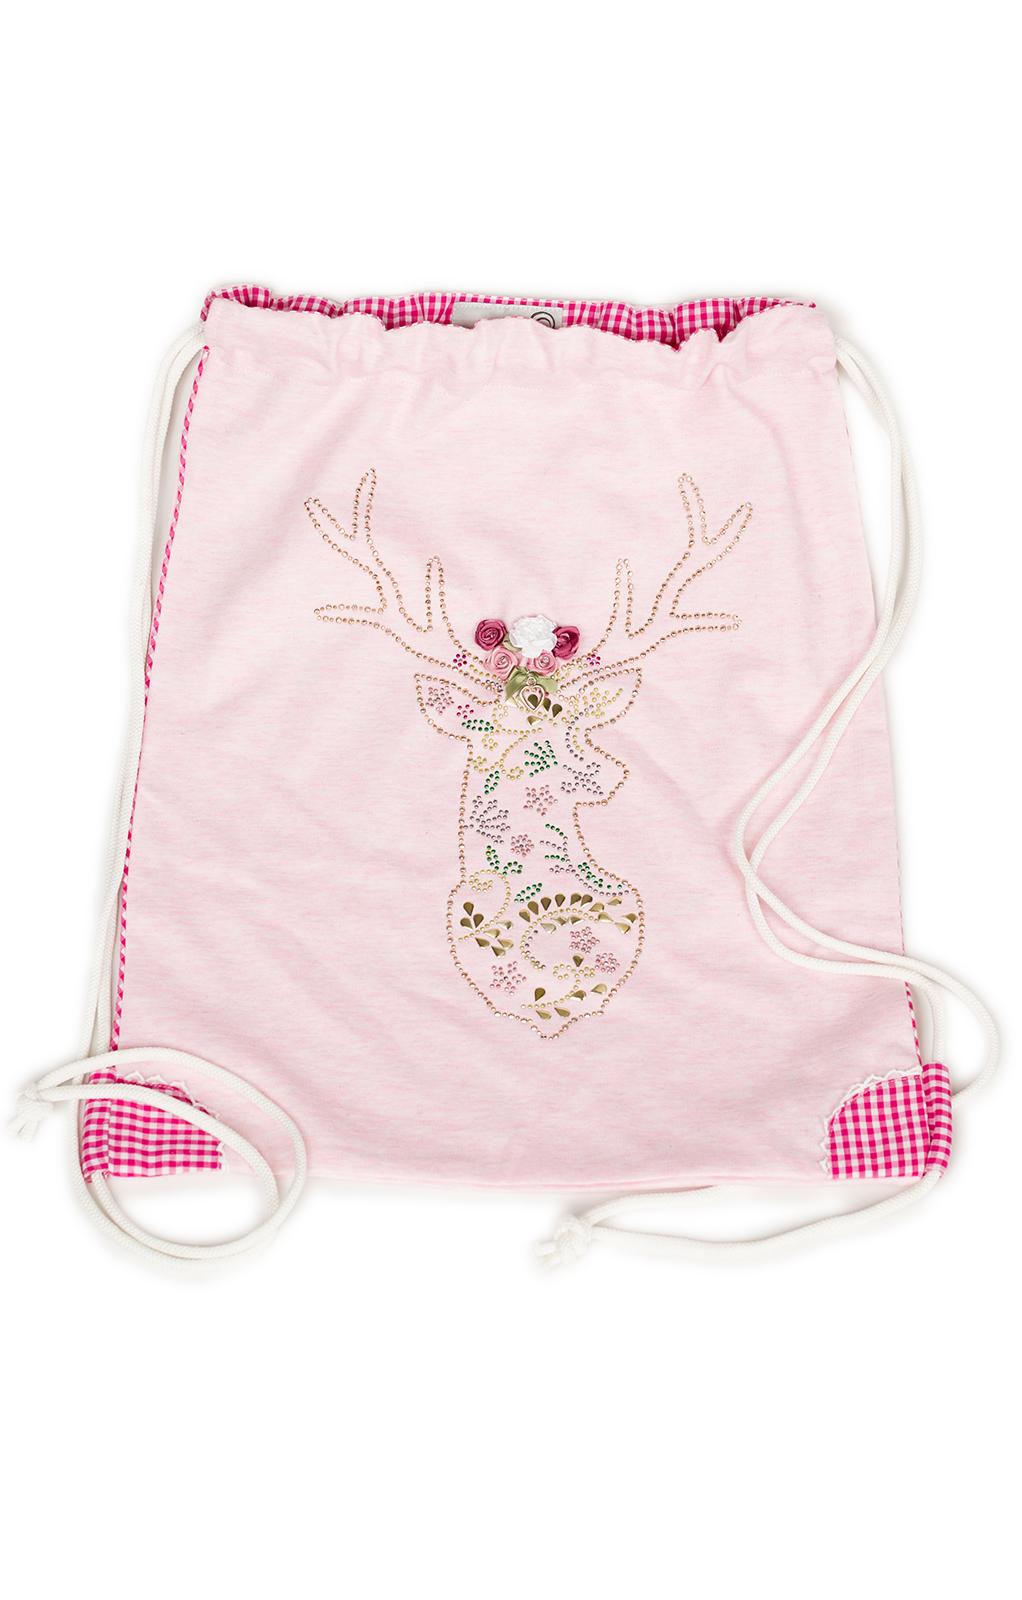 Gmy Bag pink von Marjo